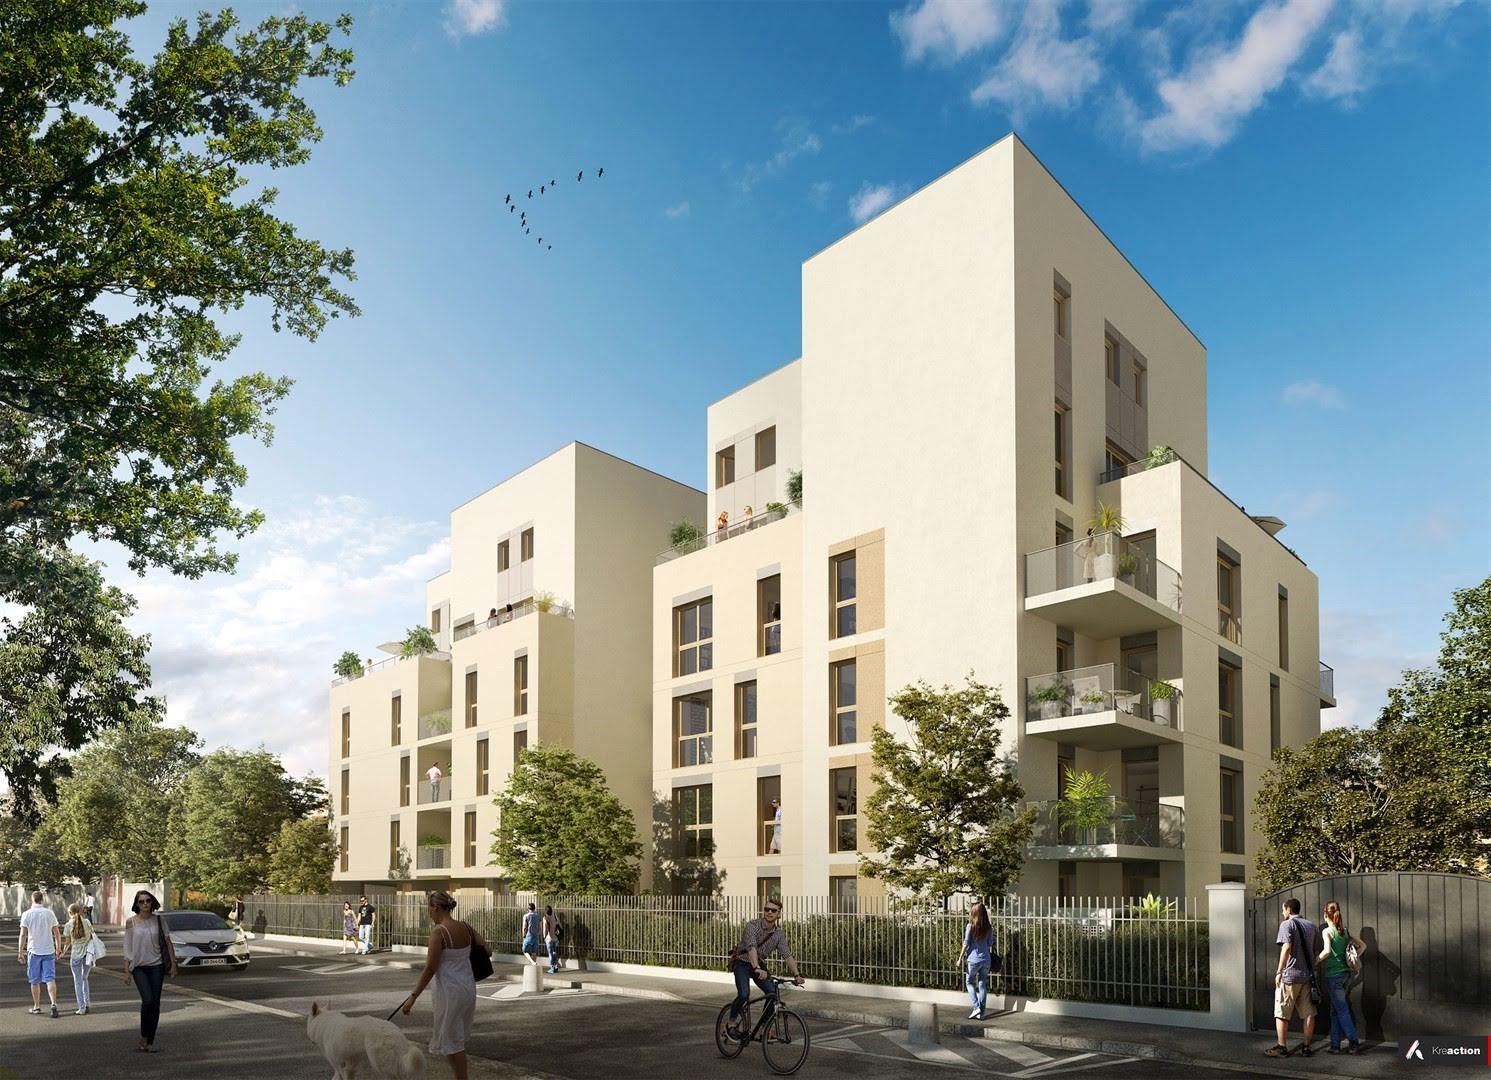 Programme immobilier NP19 appartement à Lyon 8ème (69008) Au Coeur du 8ème Arrondissement